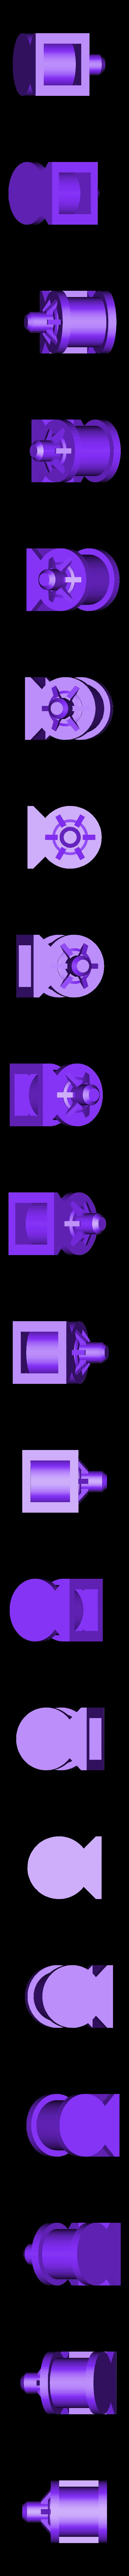 brake_cylinder.stl Télécharger fichier STL gratuit Boxcar russe série 11-270, échelle HO • Design pour impression 3D, positron